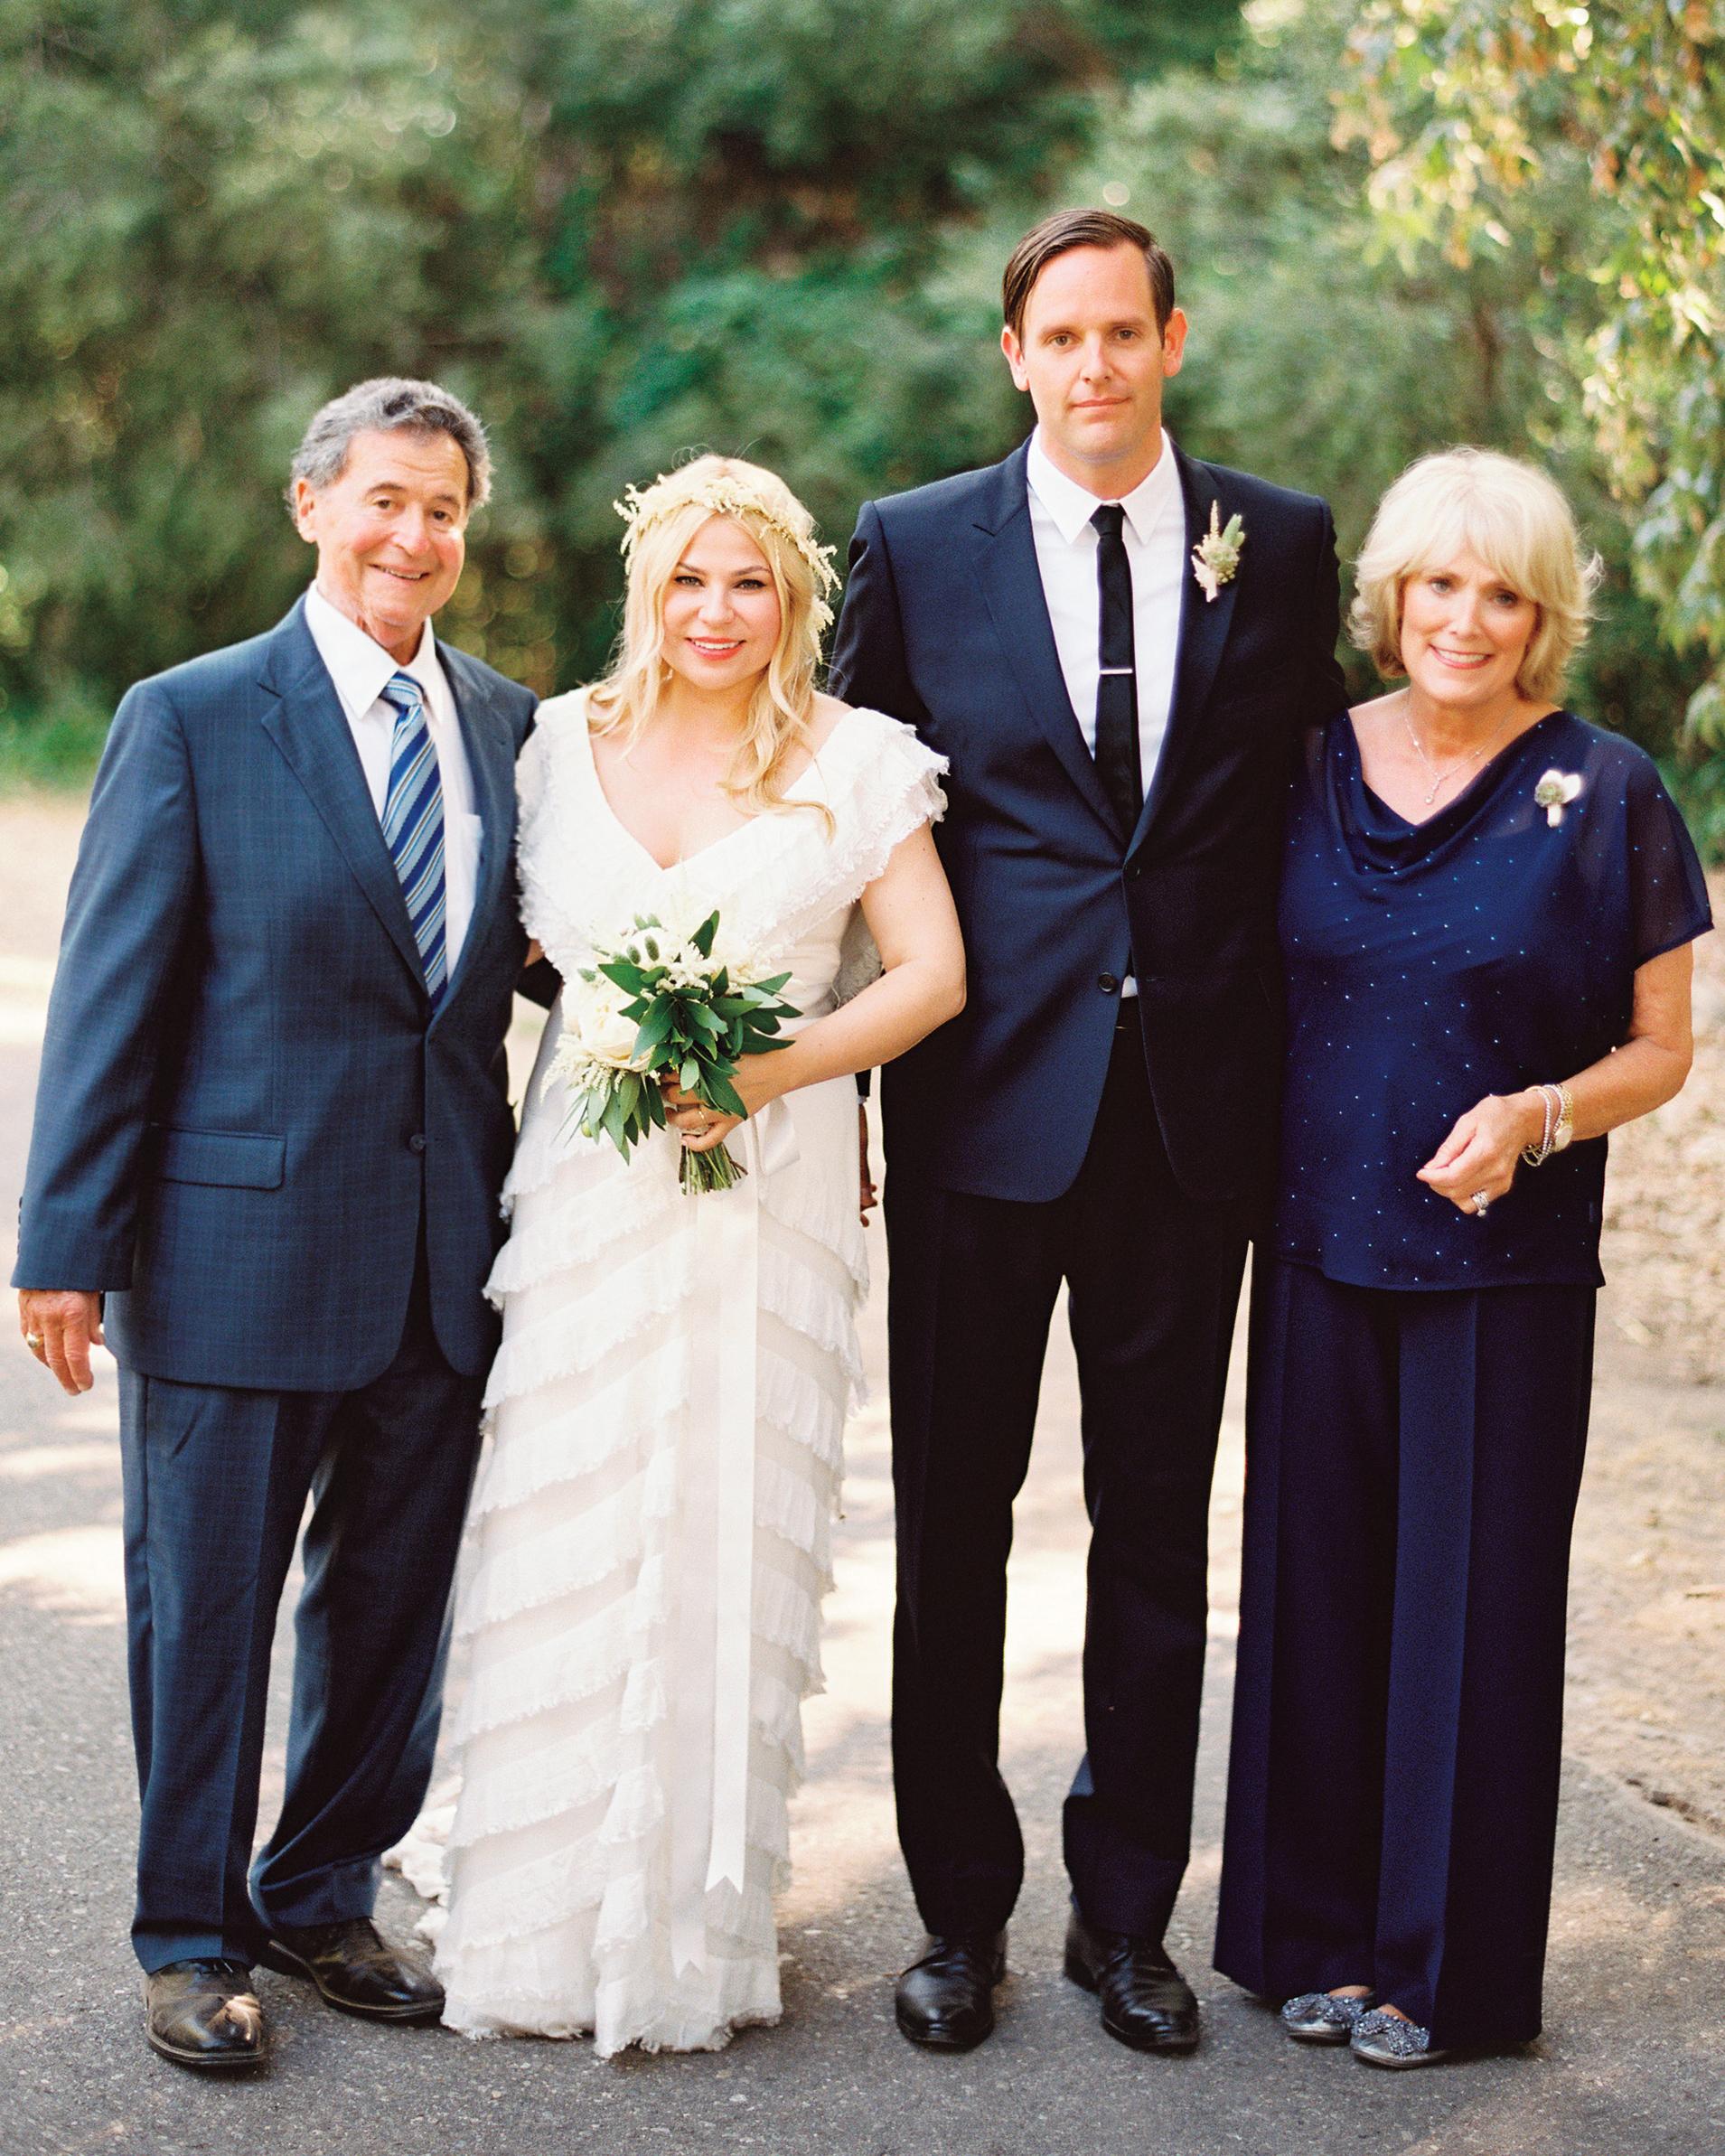 emily-david-family-portrait-mwds110206.jpg